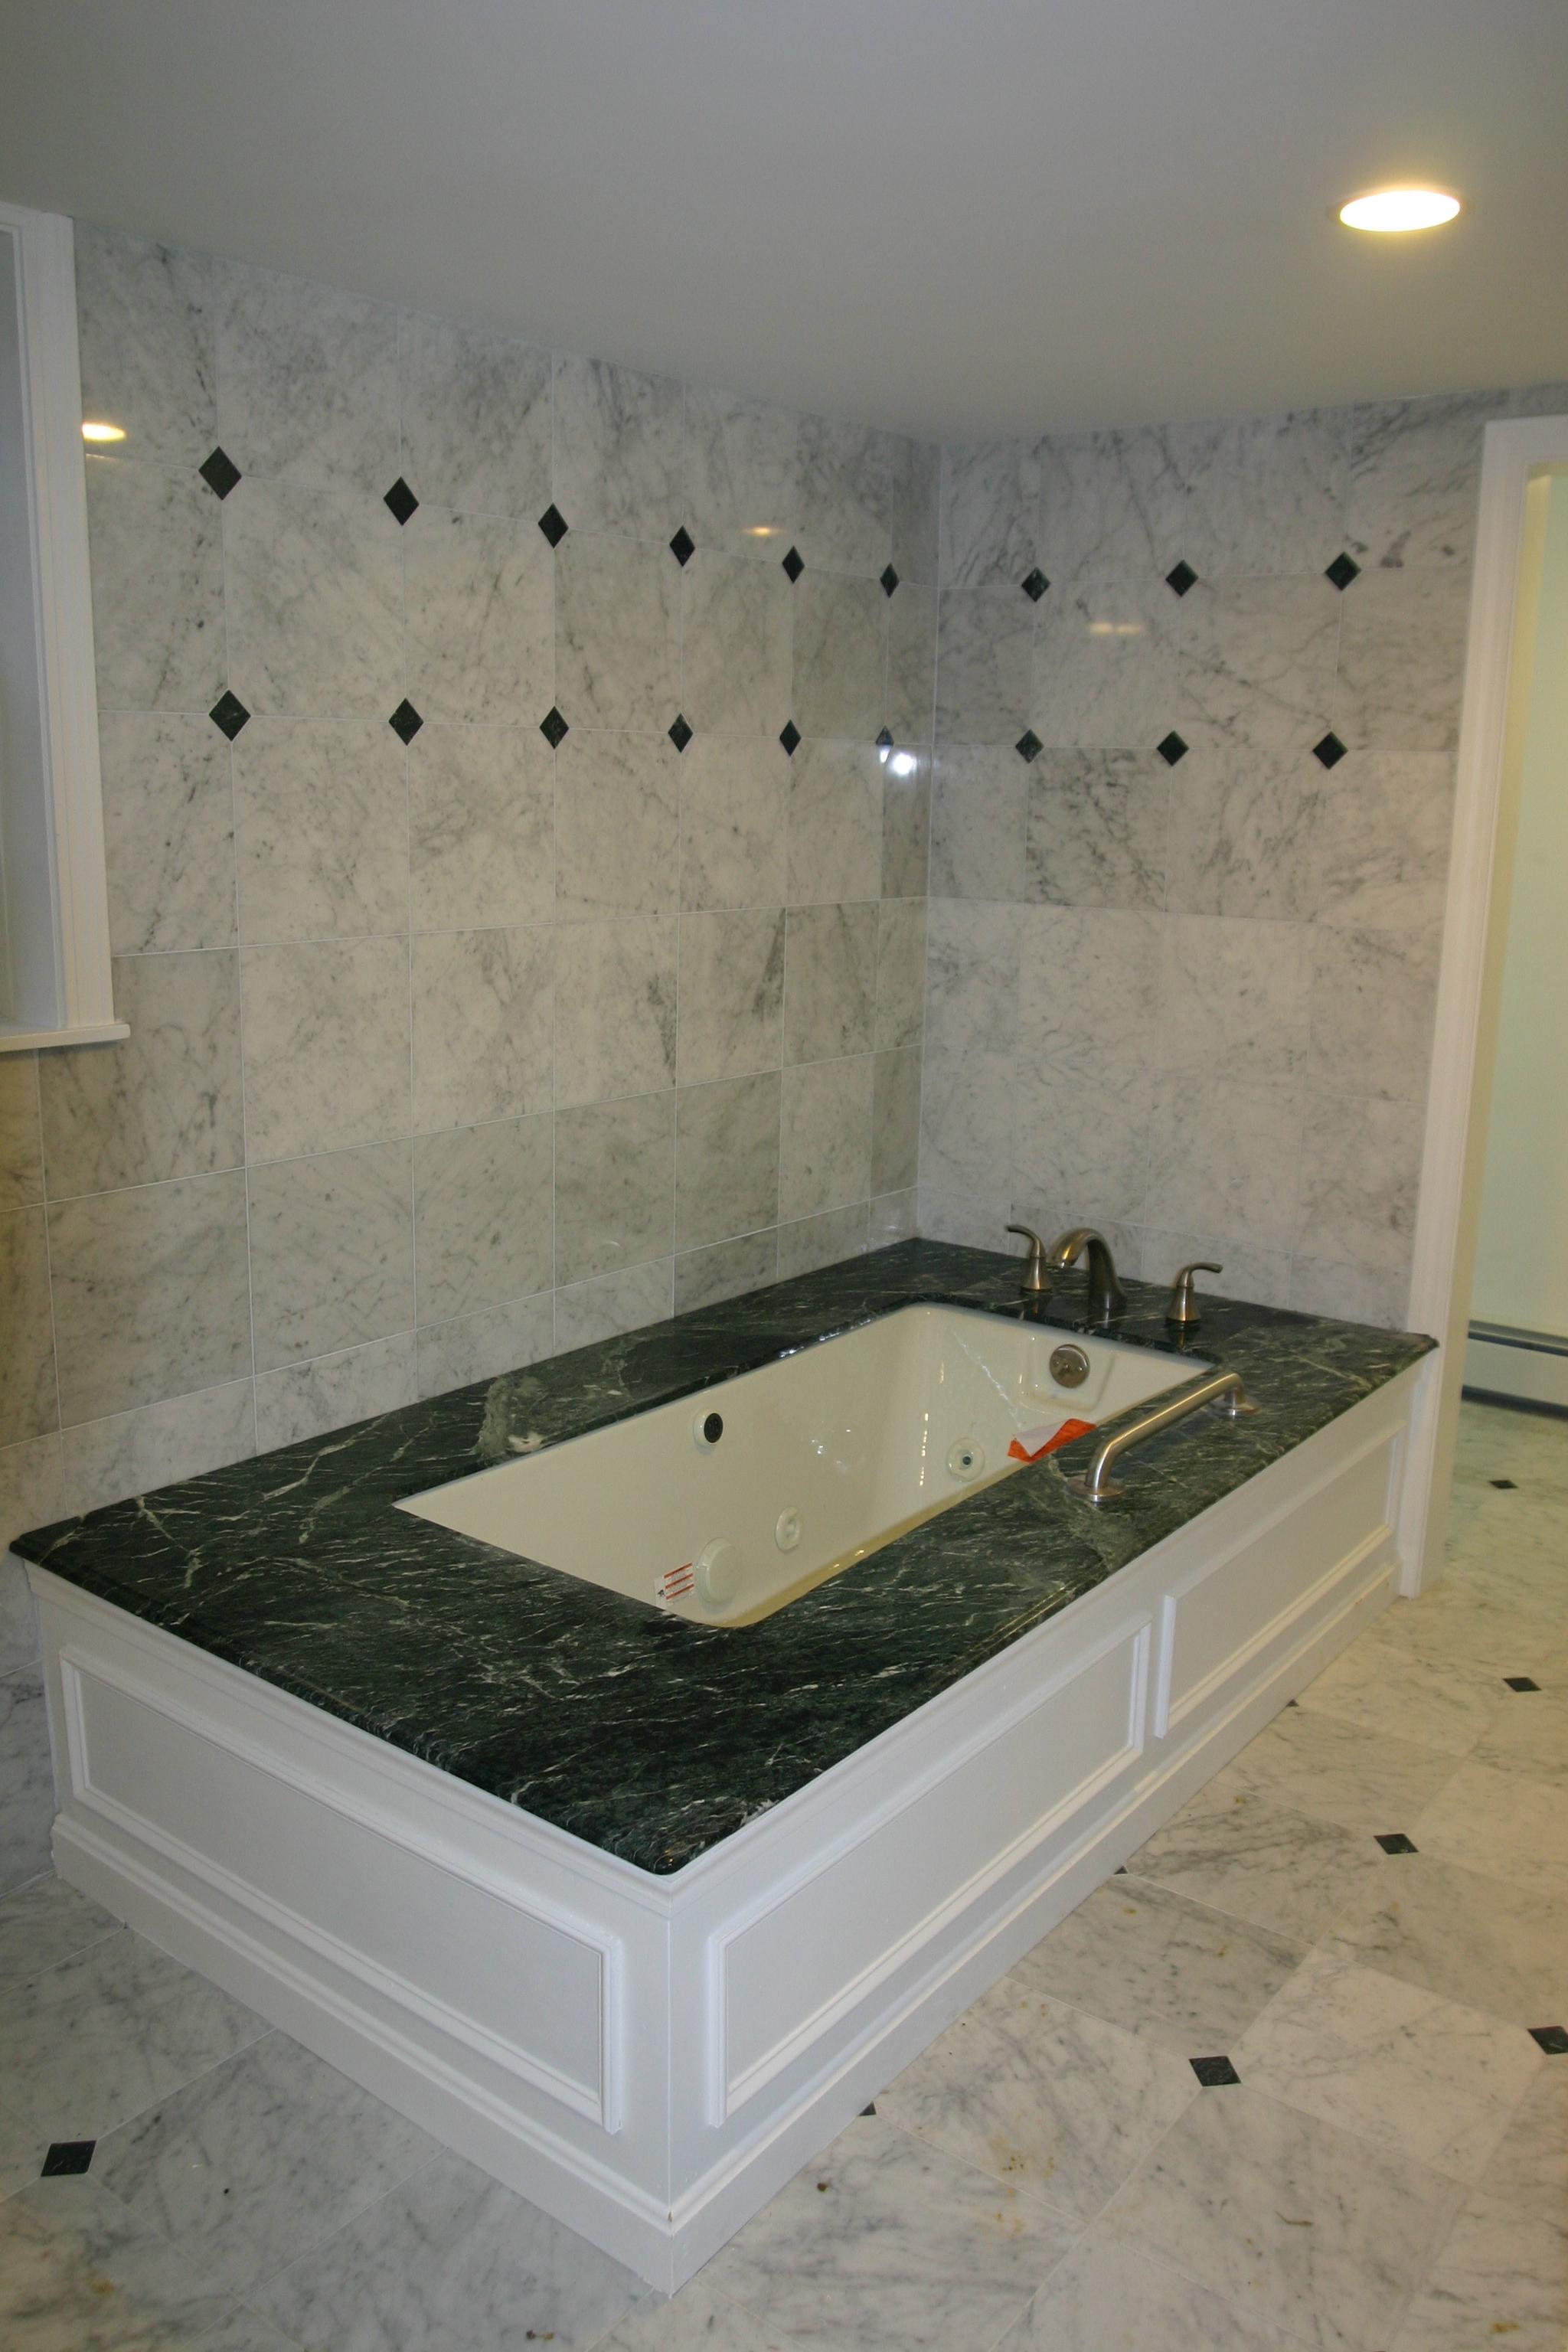 soak-in tub